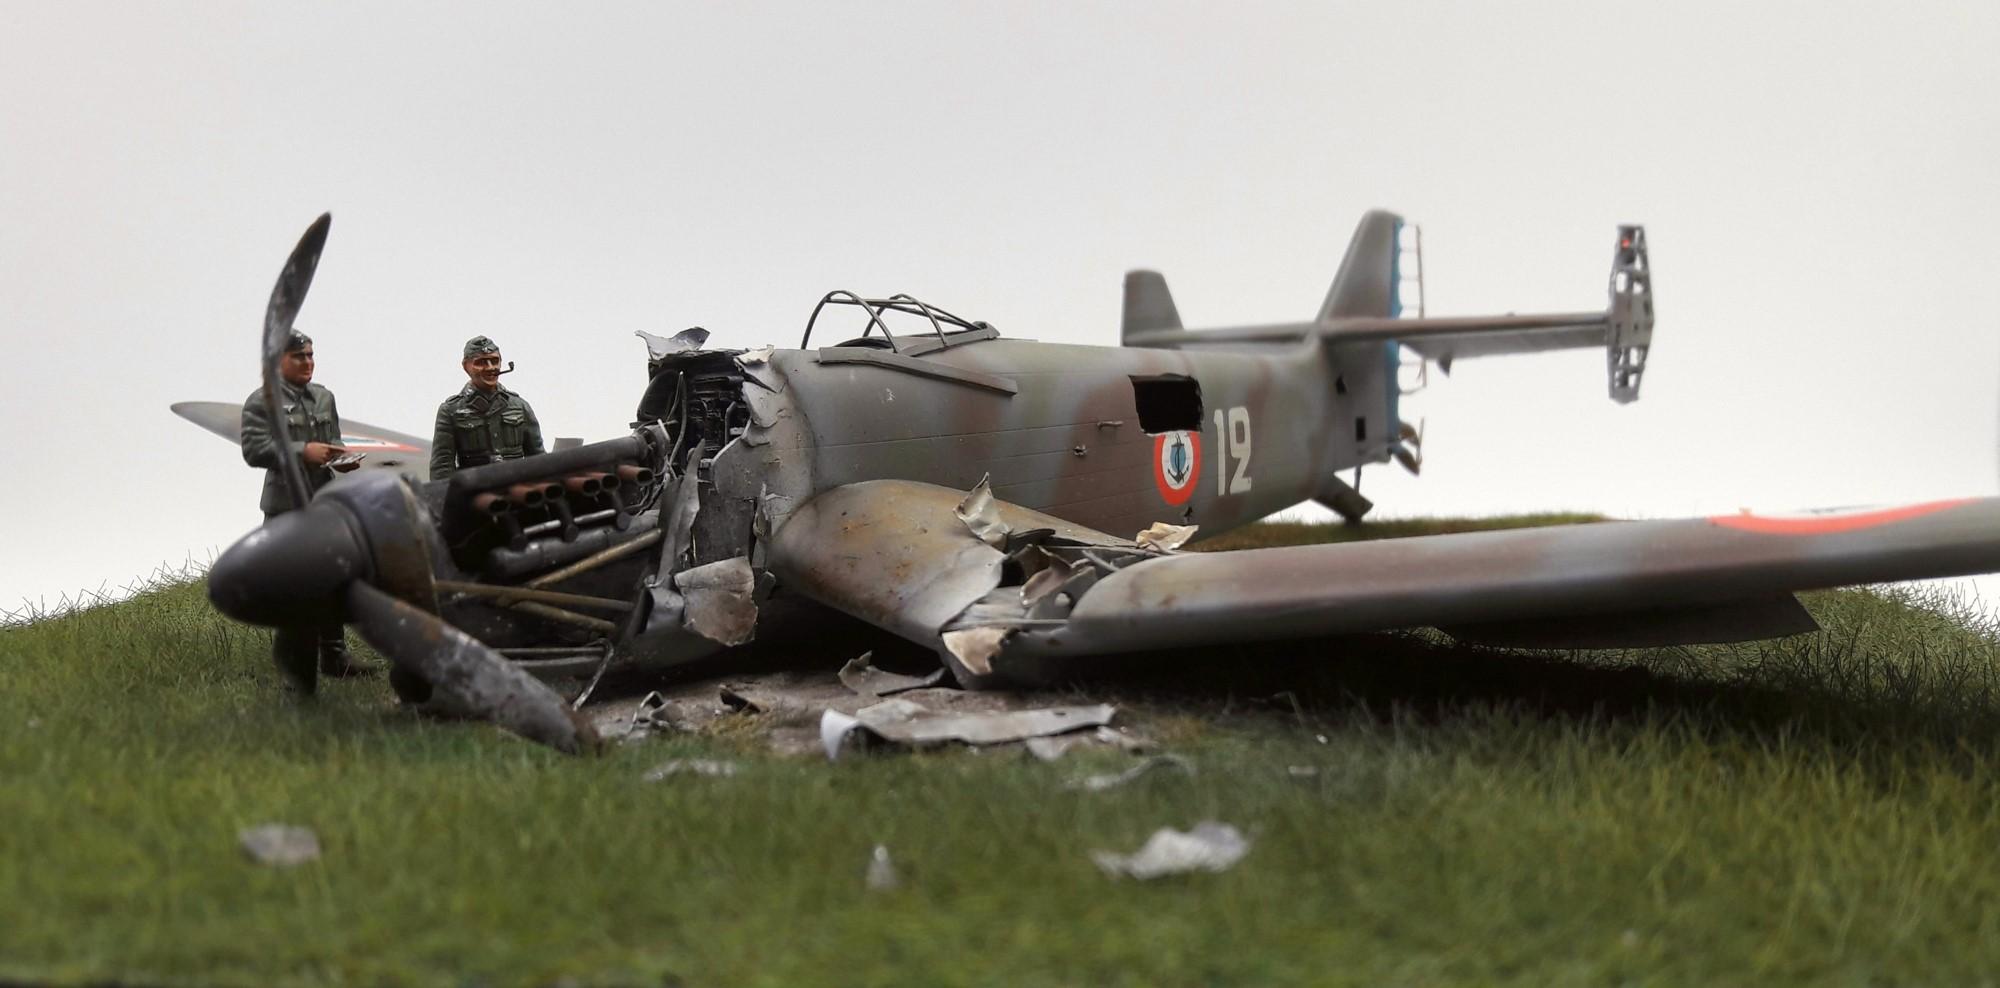 [Concours Aéronavale] Loire Nieuport 401/411 -  Special hobby 1/48 - crash à Villereau -le sacrifice des marins aviateurs du 19 mai 1940 - Mission Berlaimont  Image482